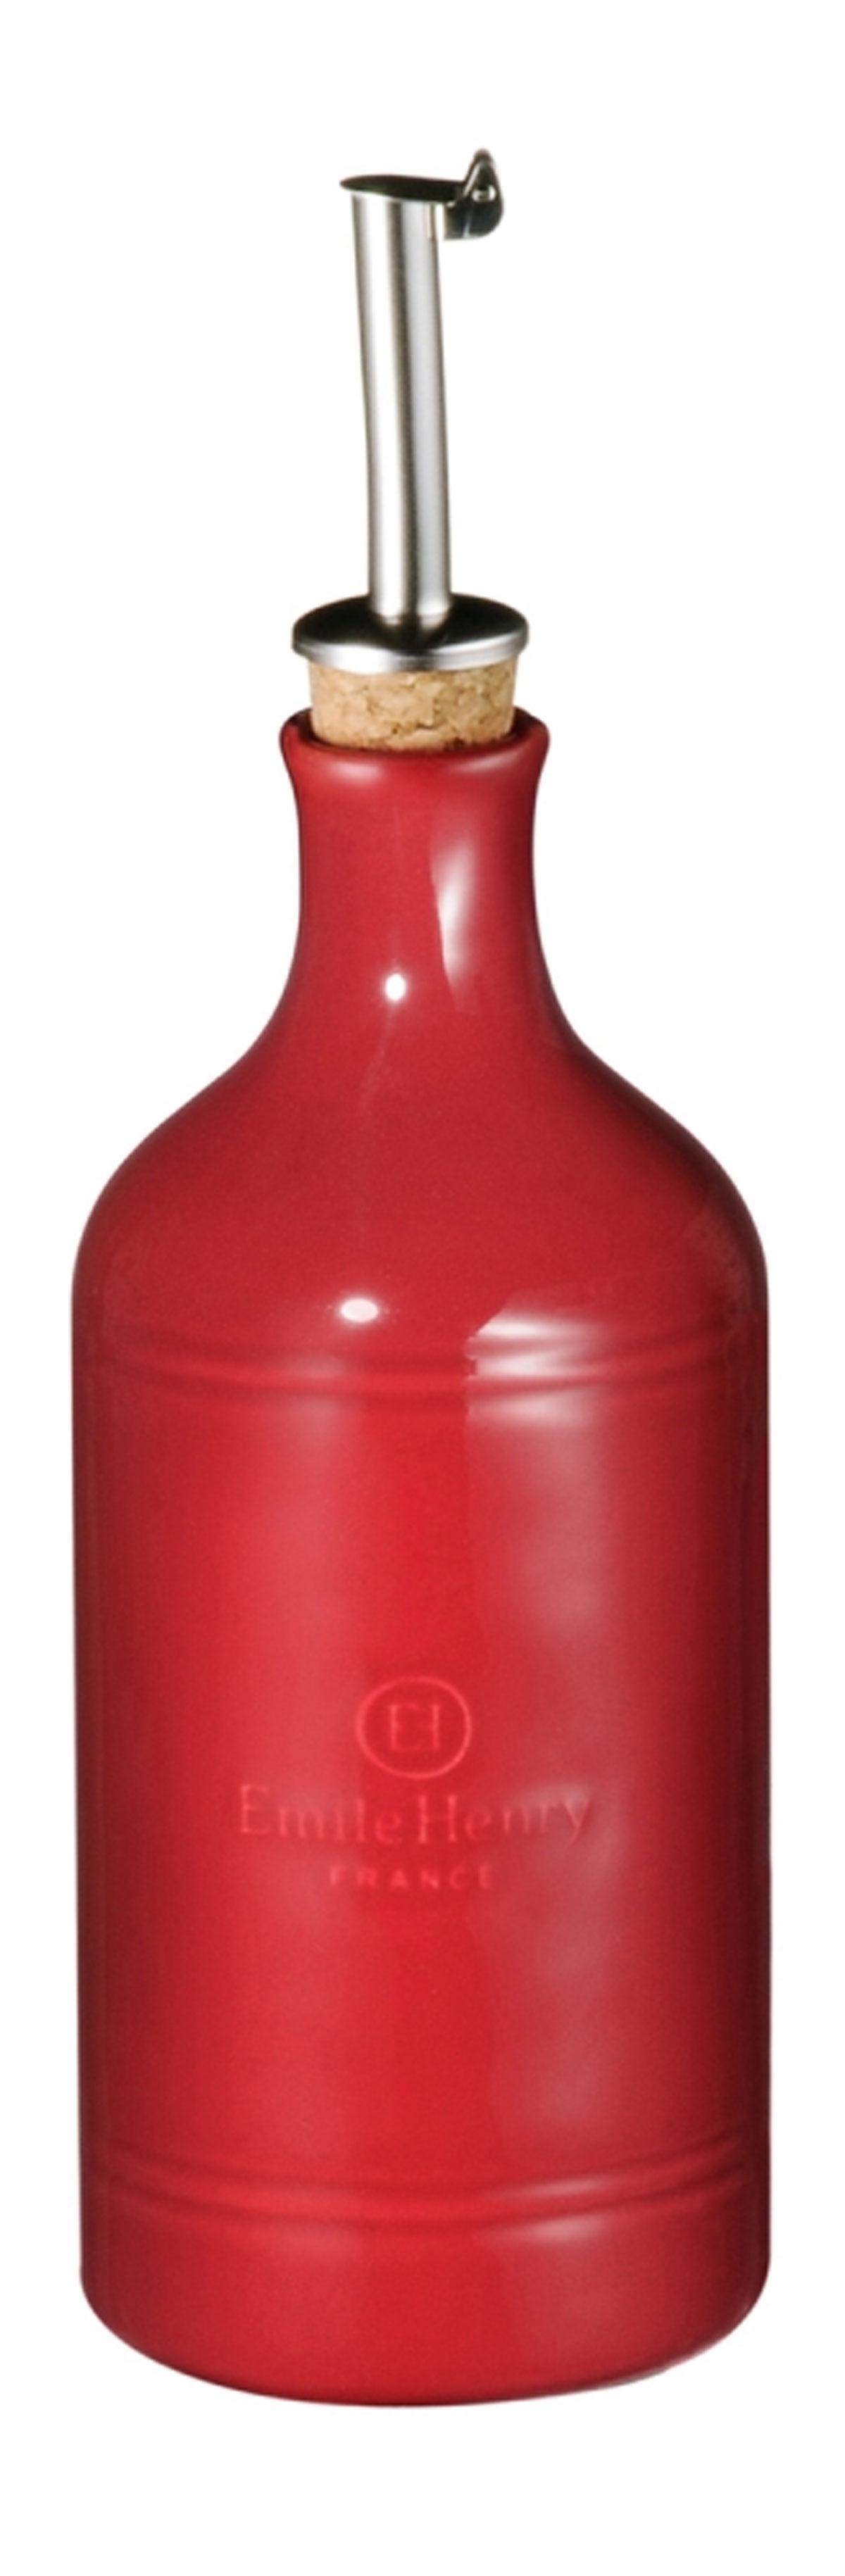 """Бутылка для масла или уксуса Emile Henry """"Natural Chic"""", выполненная из керамики и  металла, позволит украсить любую кухню, внеся разнообразие как в строгий  классический стиль, так и в современный кухонный интерьер. Пробковая крышка с  носиком снабжена клапаном """"антикапля"""", не допускающим пролива. Стенки бутылки  светонепроницаемые, поэтому ее можно хранить в открытом шкафу, не волнуясь, что  ваше лучшее оливковое масло потеряет вкус и аромат.Оригинальная бутылка  будет отлично смотреться  на вашей кухне. Высота бутылки (с учетом носика): 23,5 см.  Диаметр  основания: 7 см."""